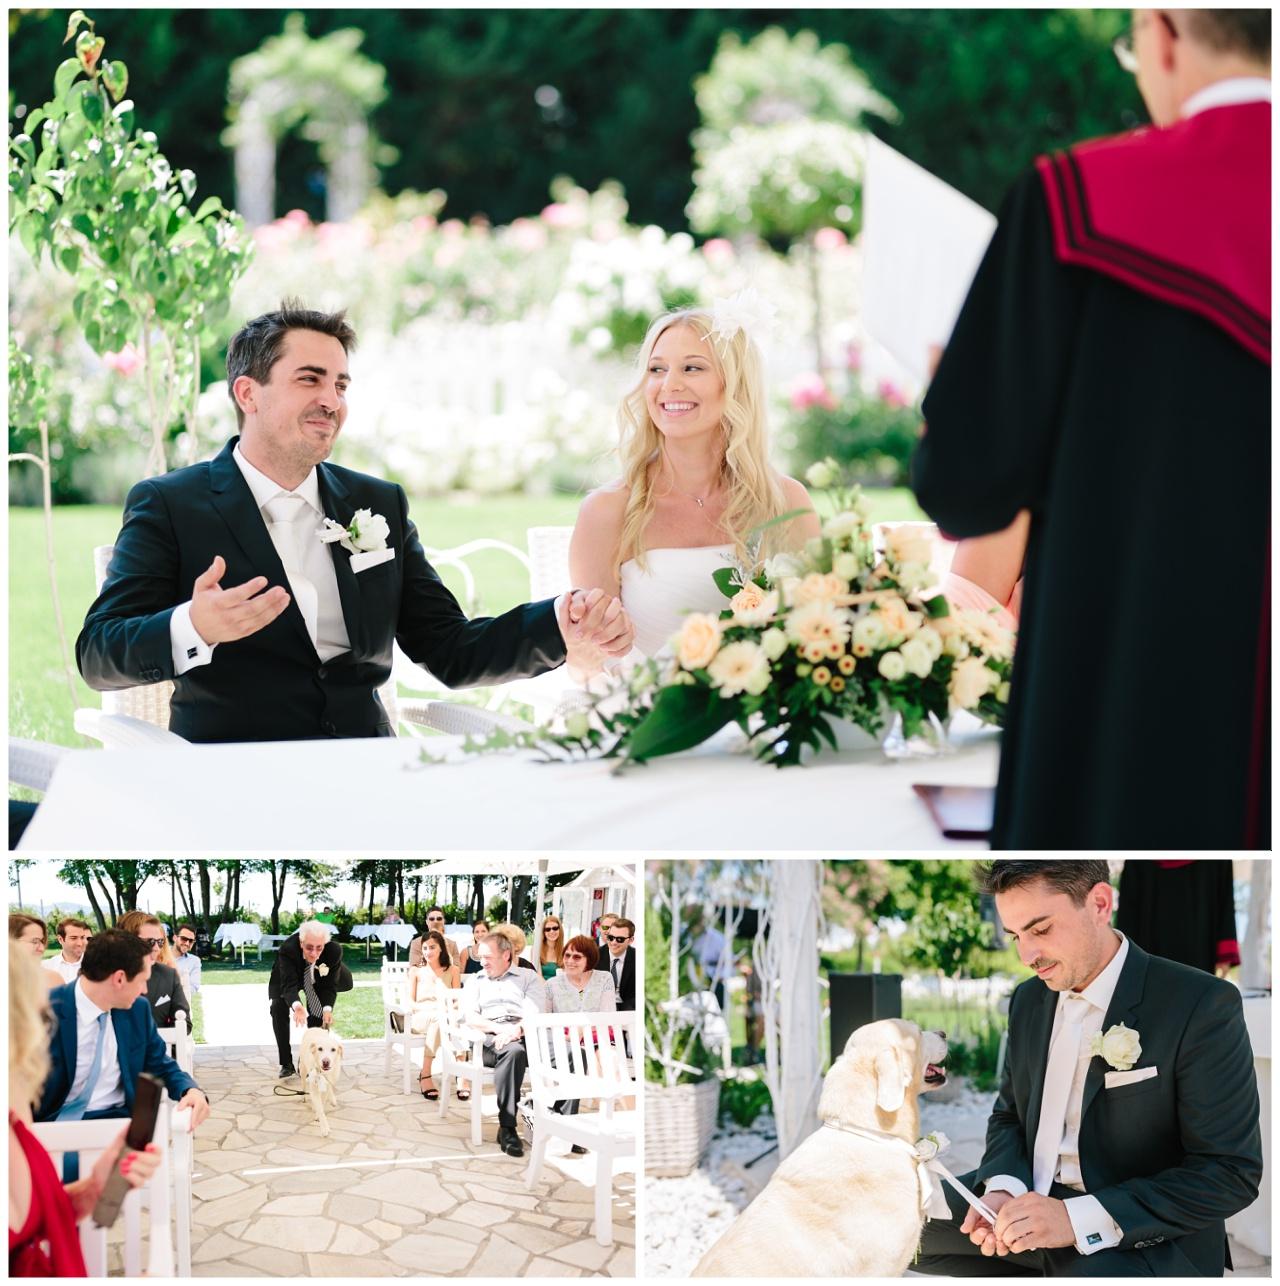 Hochzeitsfotograf Wien Blumengaerten Hirschstetten Jeanette und Guenter_0014